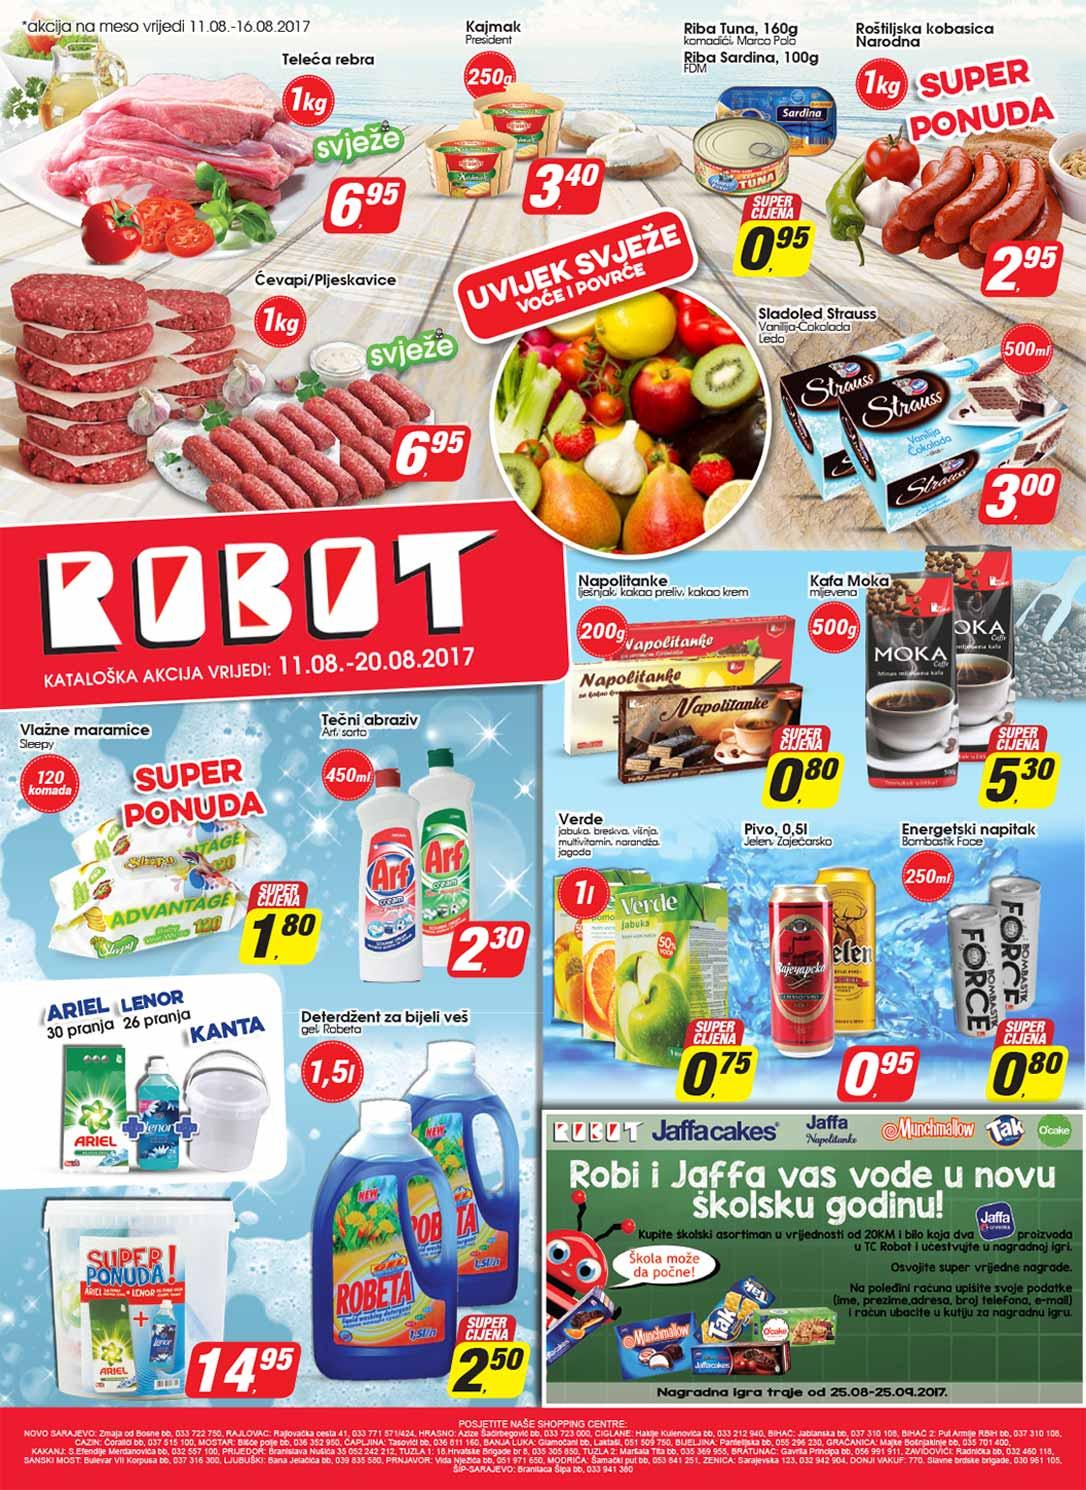 Robot katalog - 20.08.2017.